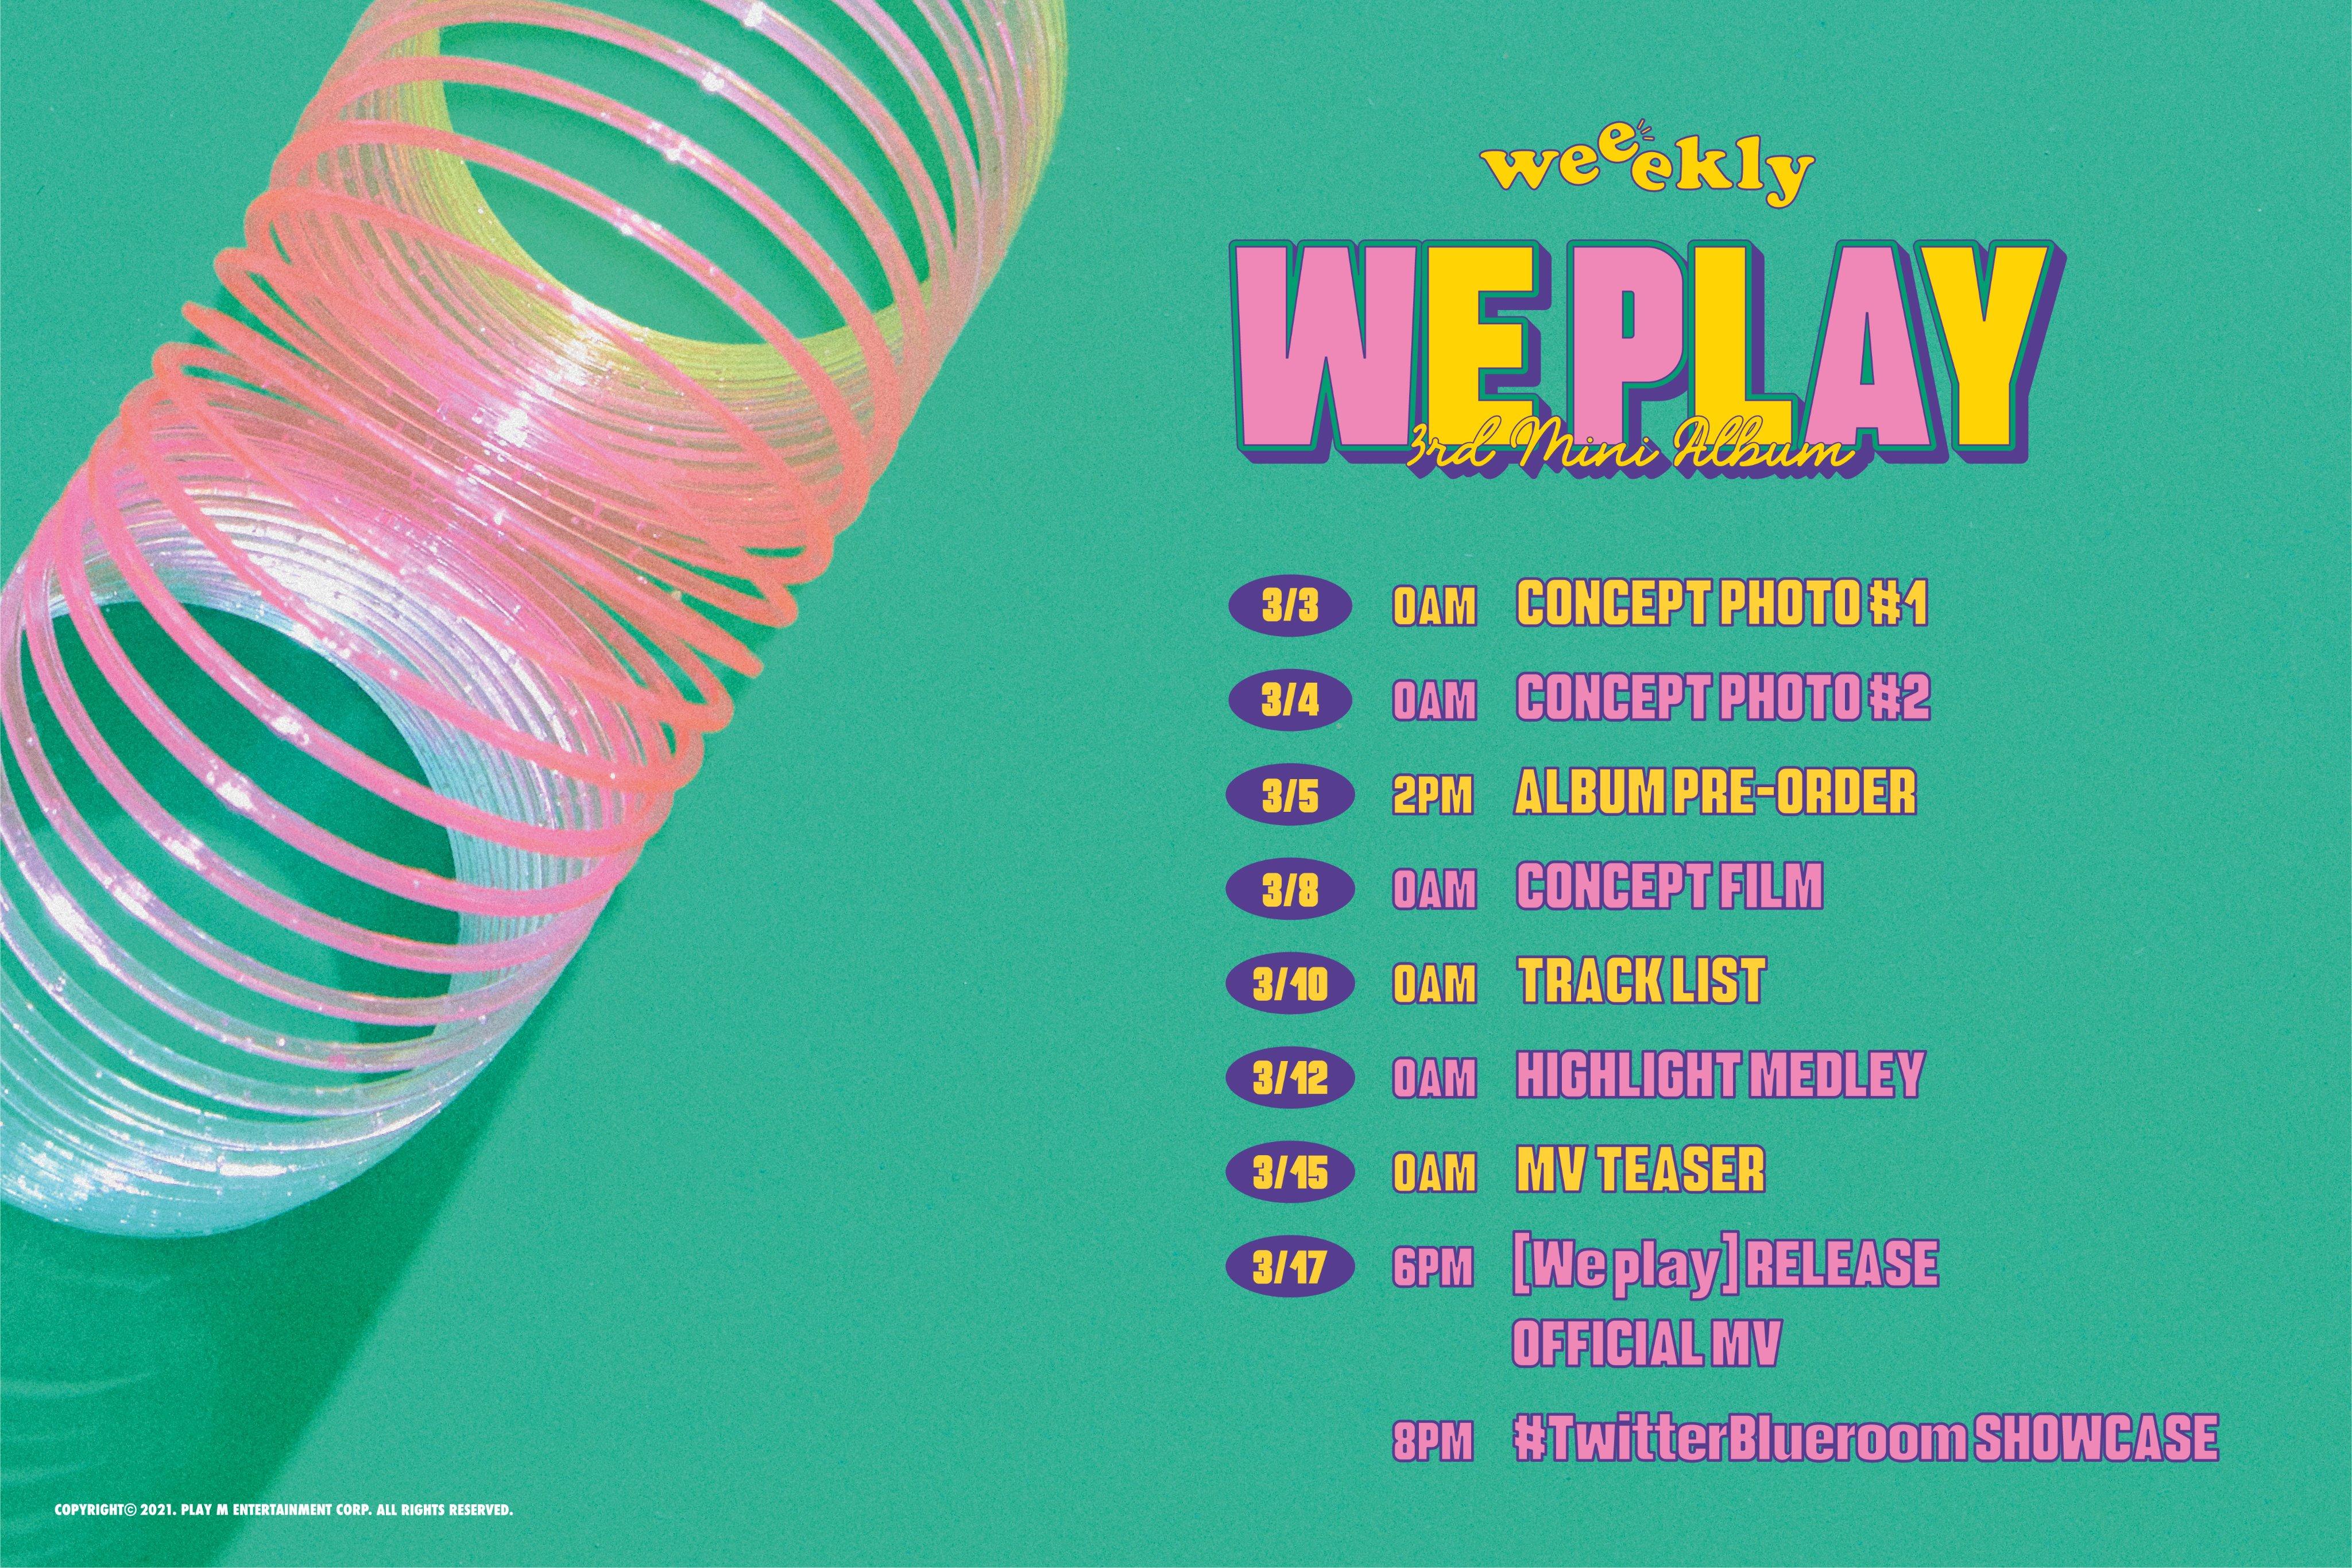 weeekly 2